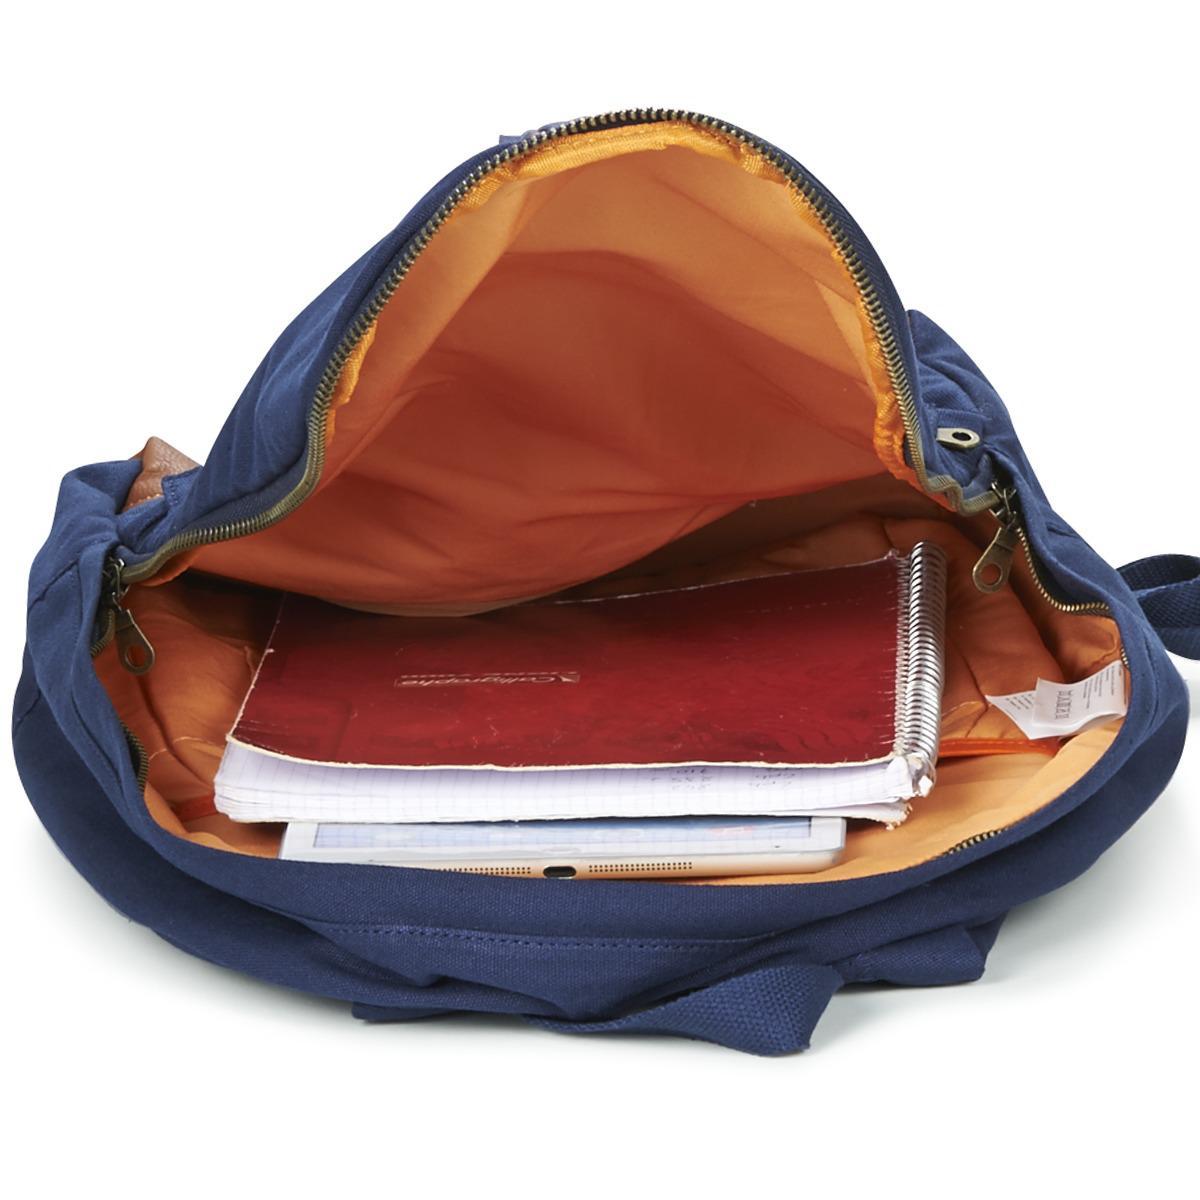 Oxbow Fonoll Women's Backpack In Blue